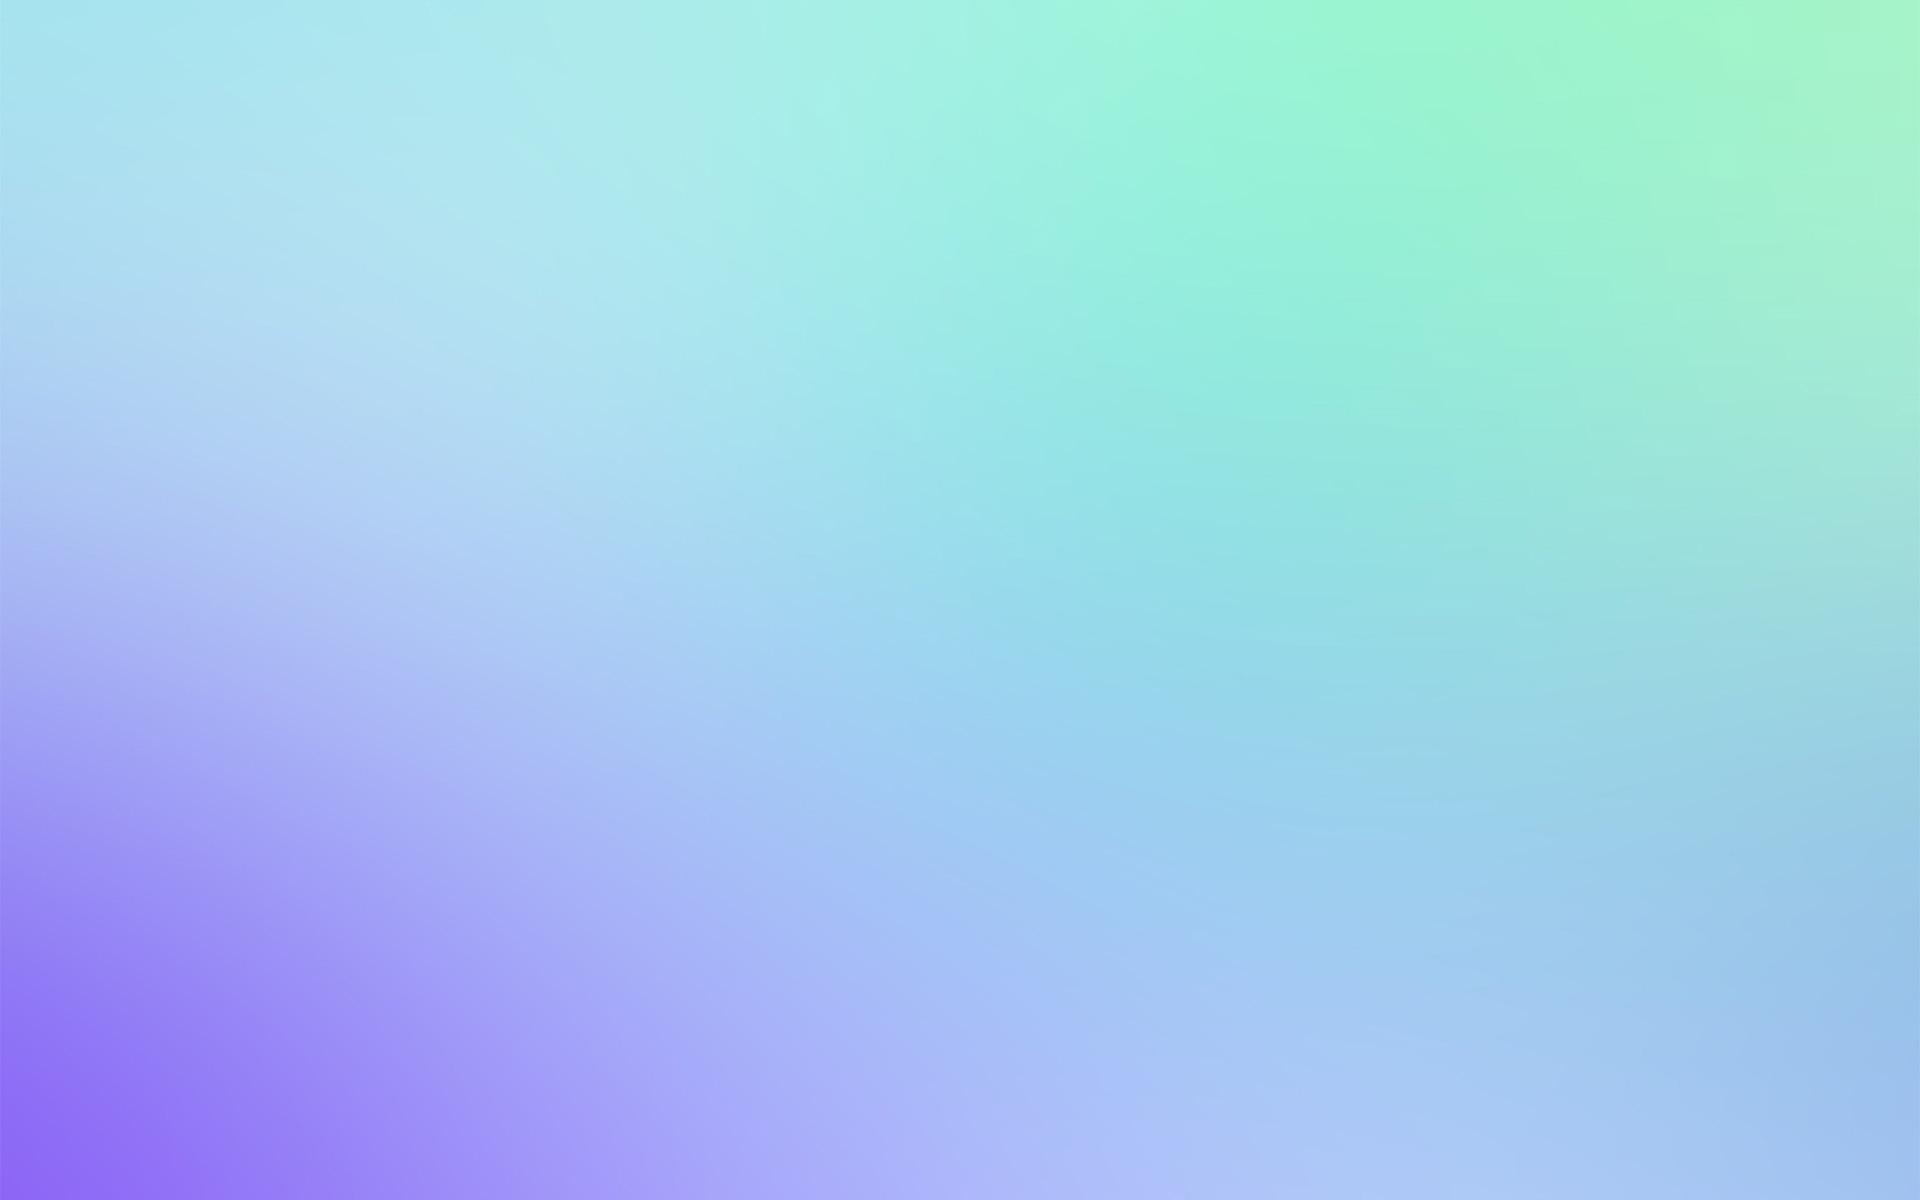 Blue-Blur-Background